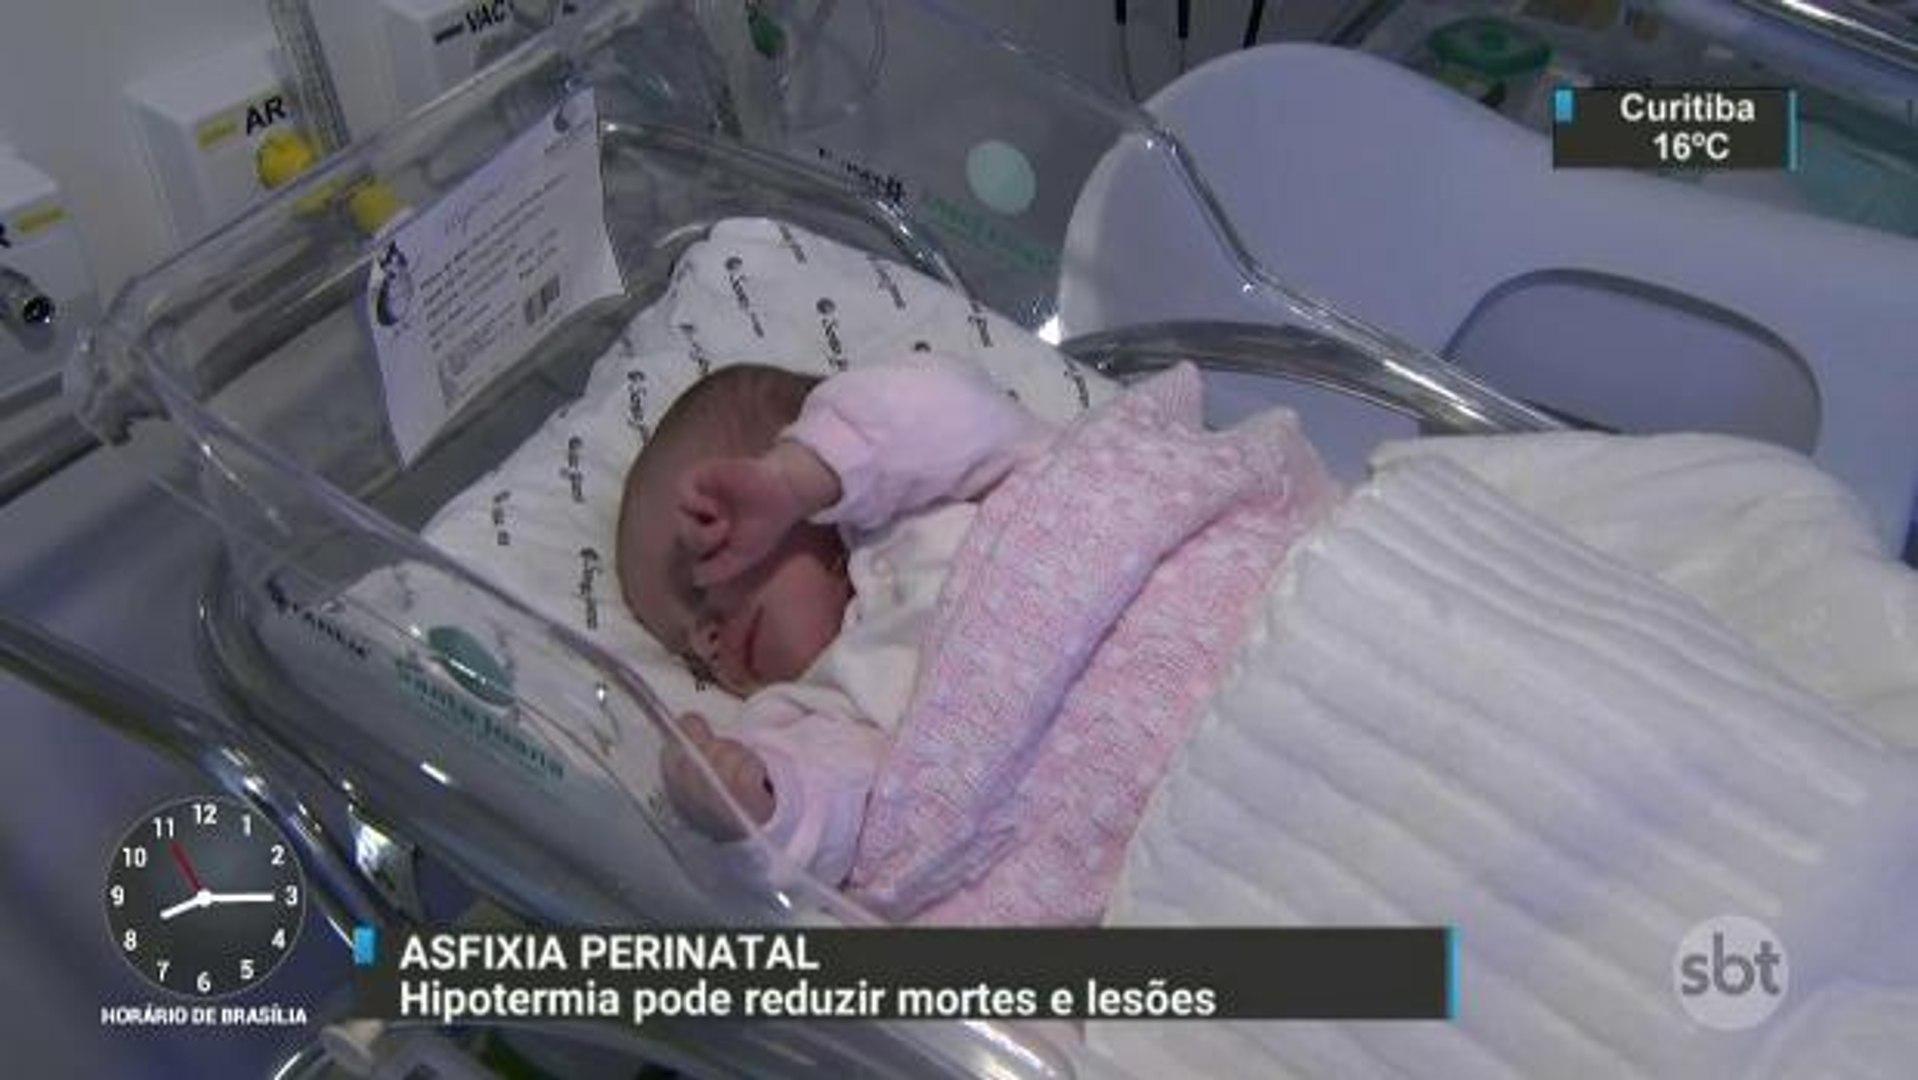 Asfixia Perinatal: Hipotermia pode salvar vida ou reduzir sequelas de bebês